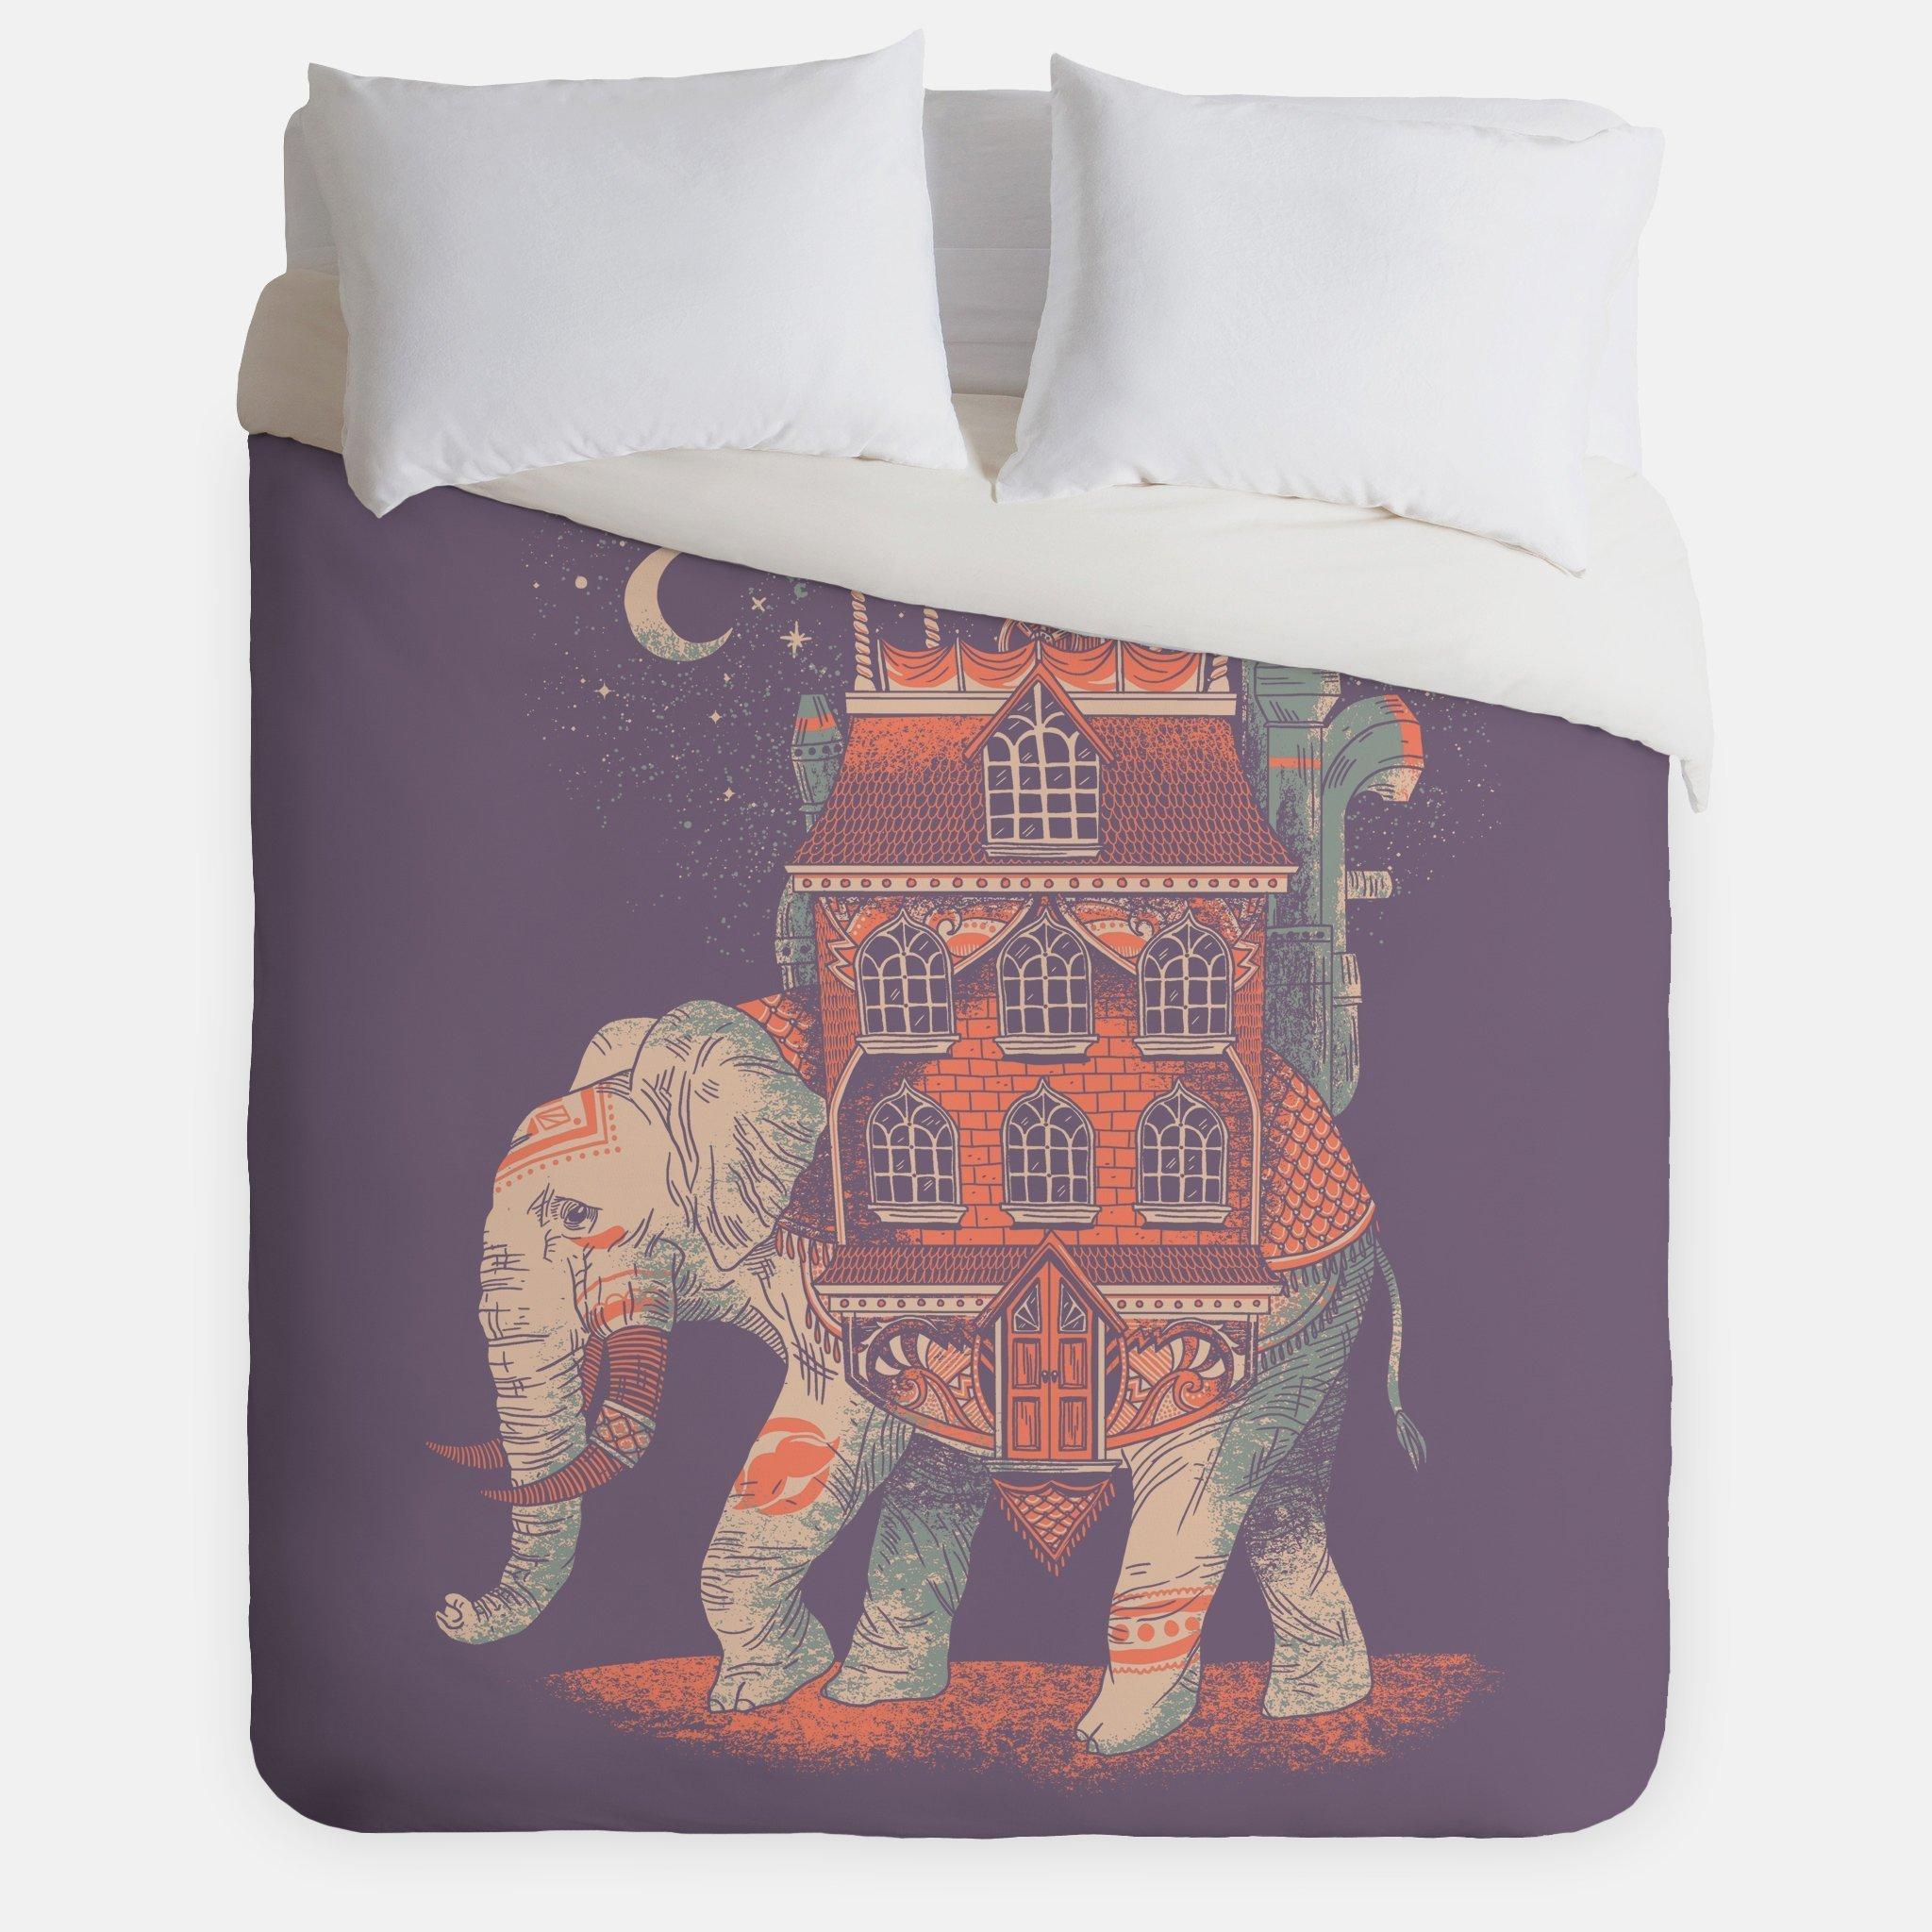 Africa Elephant Duvet Cover / Animal Traveler Bedroom Decor / Made in USA / Great Bedroom Artwork